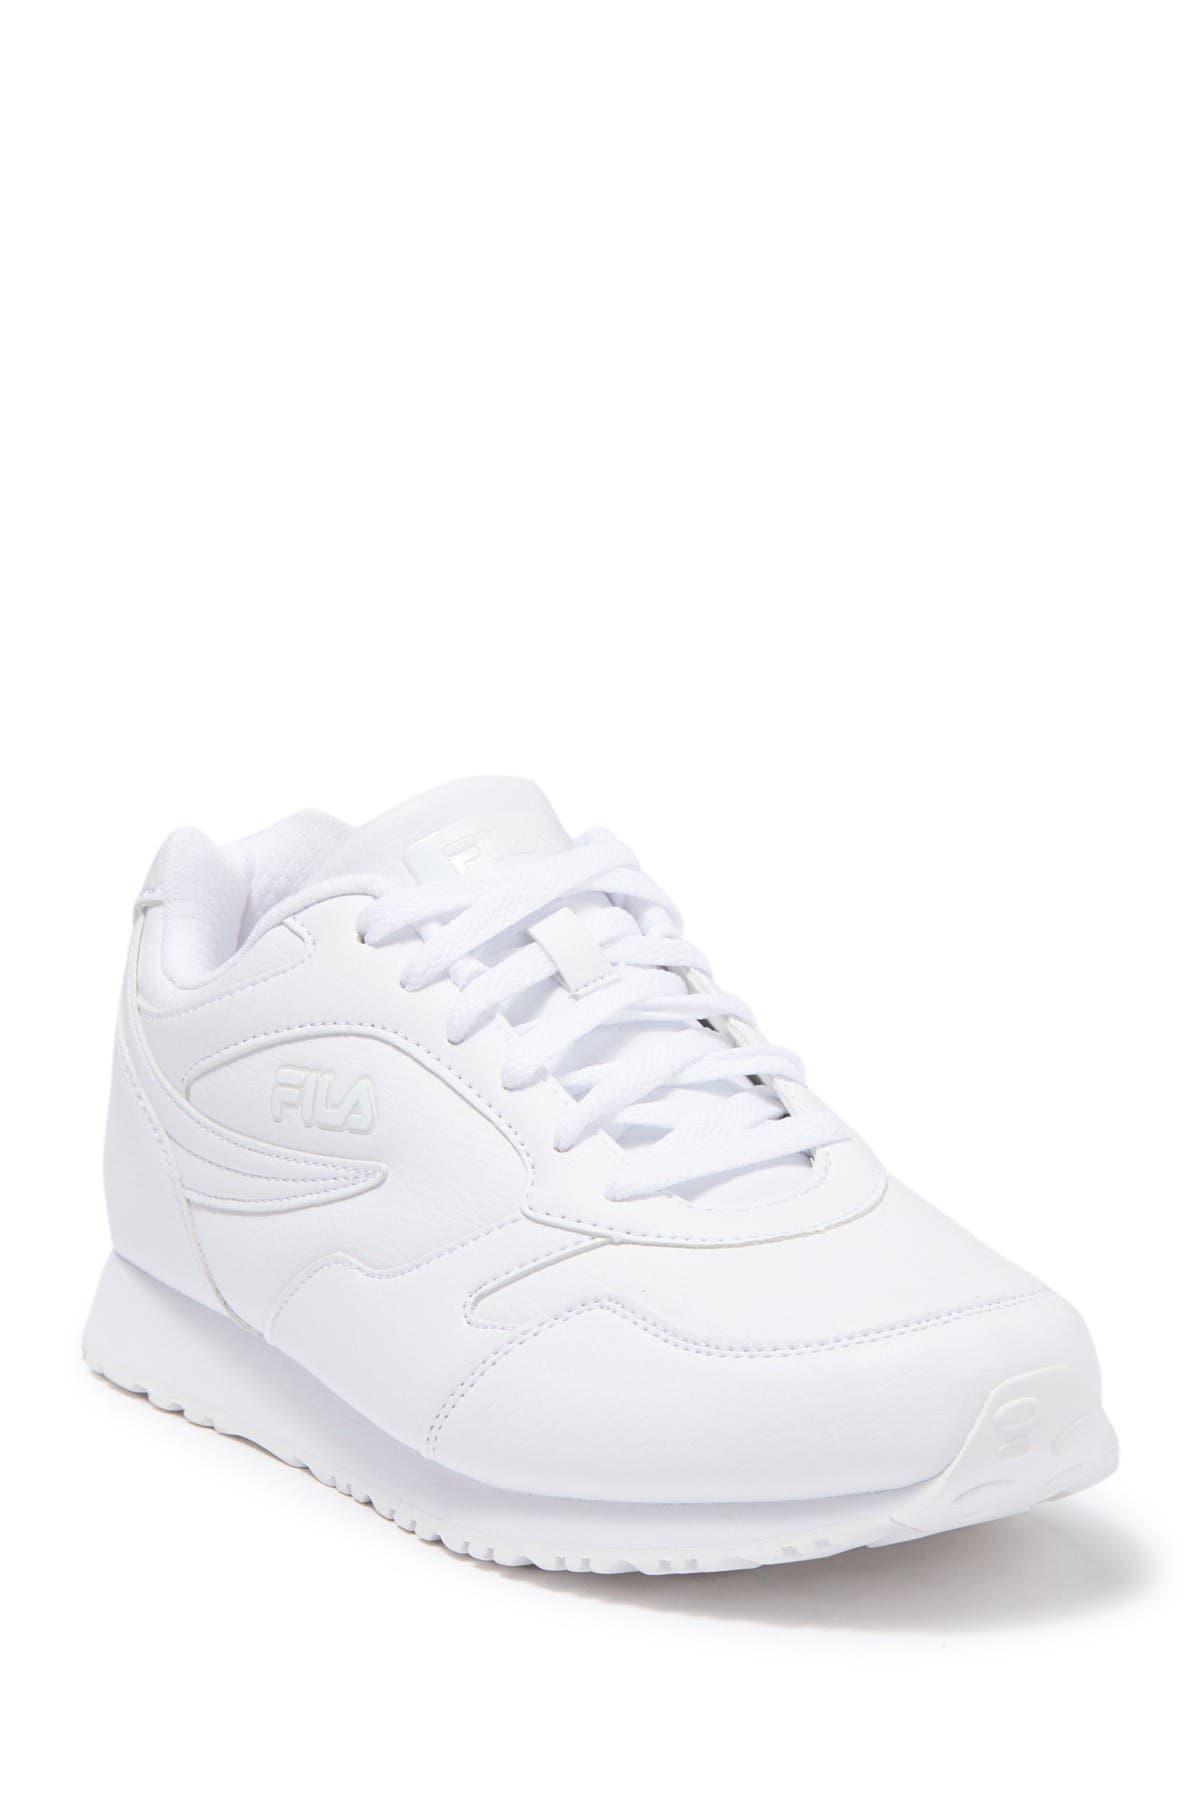 FILA USA | Classico 18 Sneaker